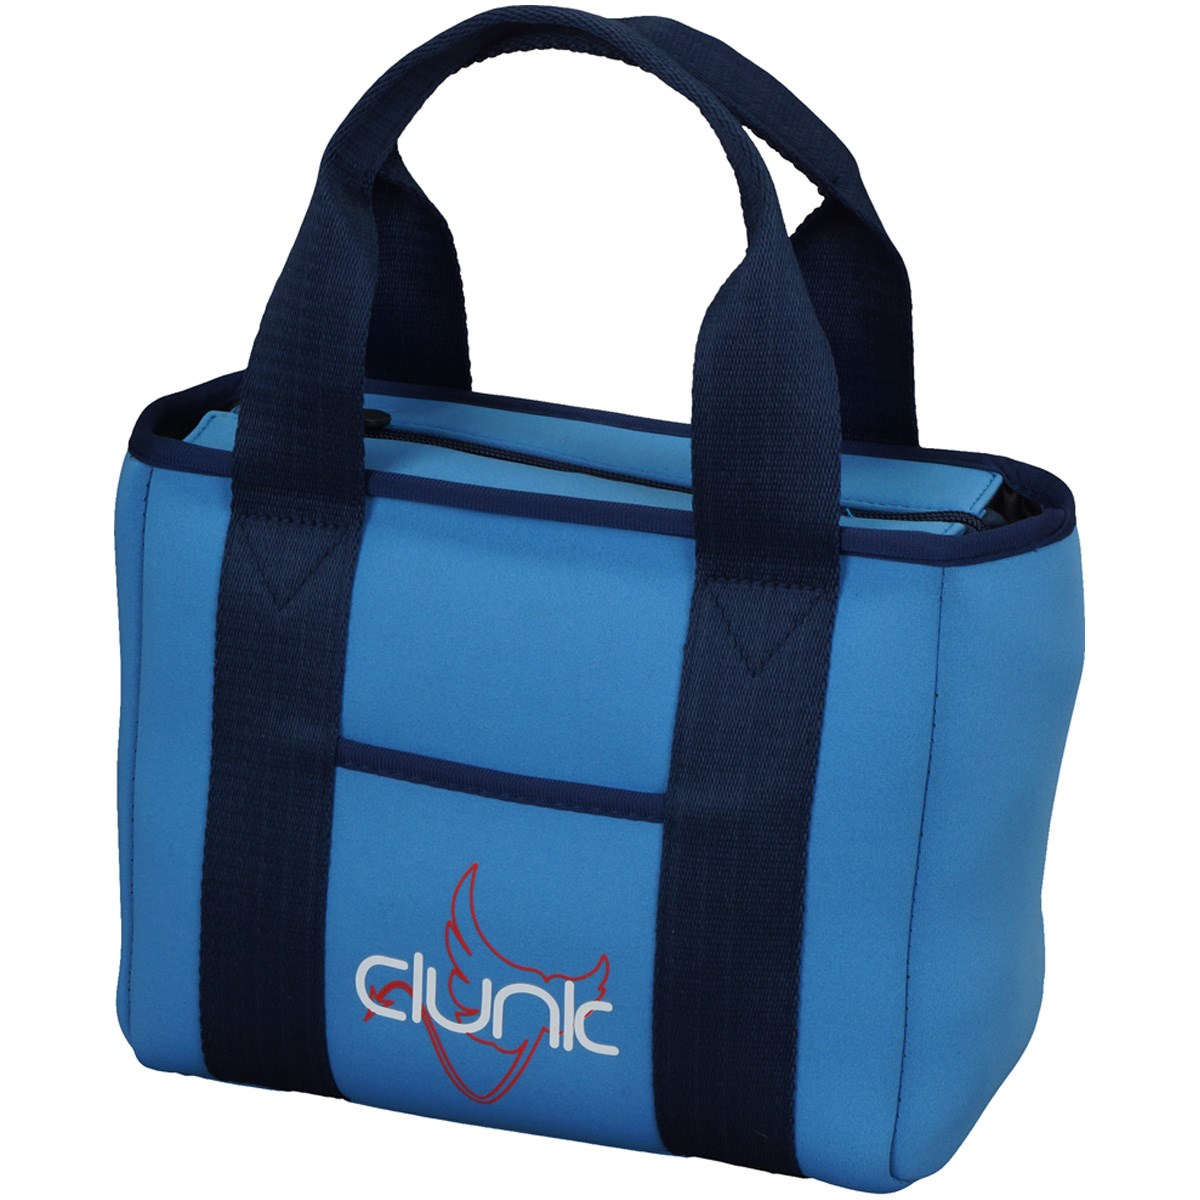 クランク(Clunk) ネオプレーン トート型ラウンドバッグ